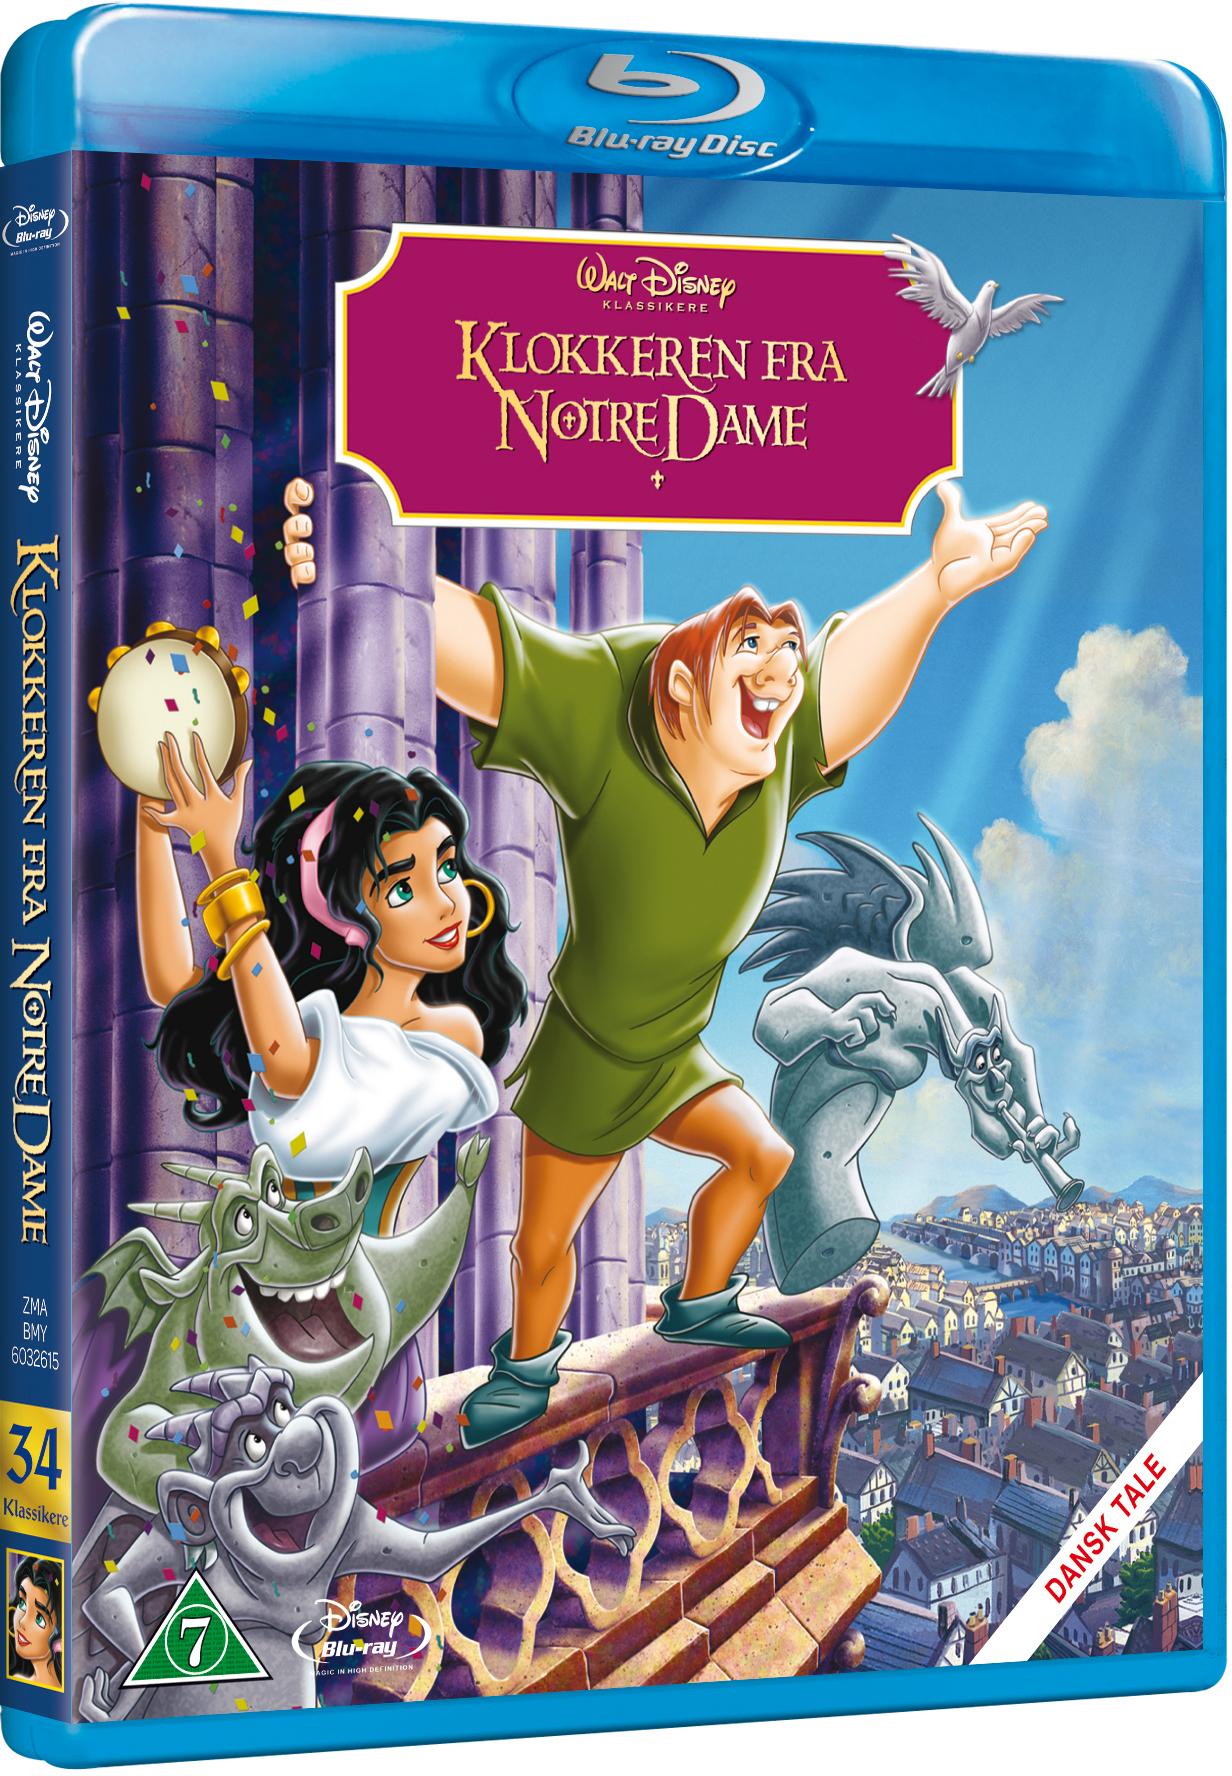 Klokkeren fra Notre Dame Disney classic #34